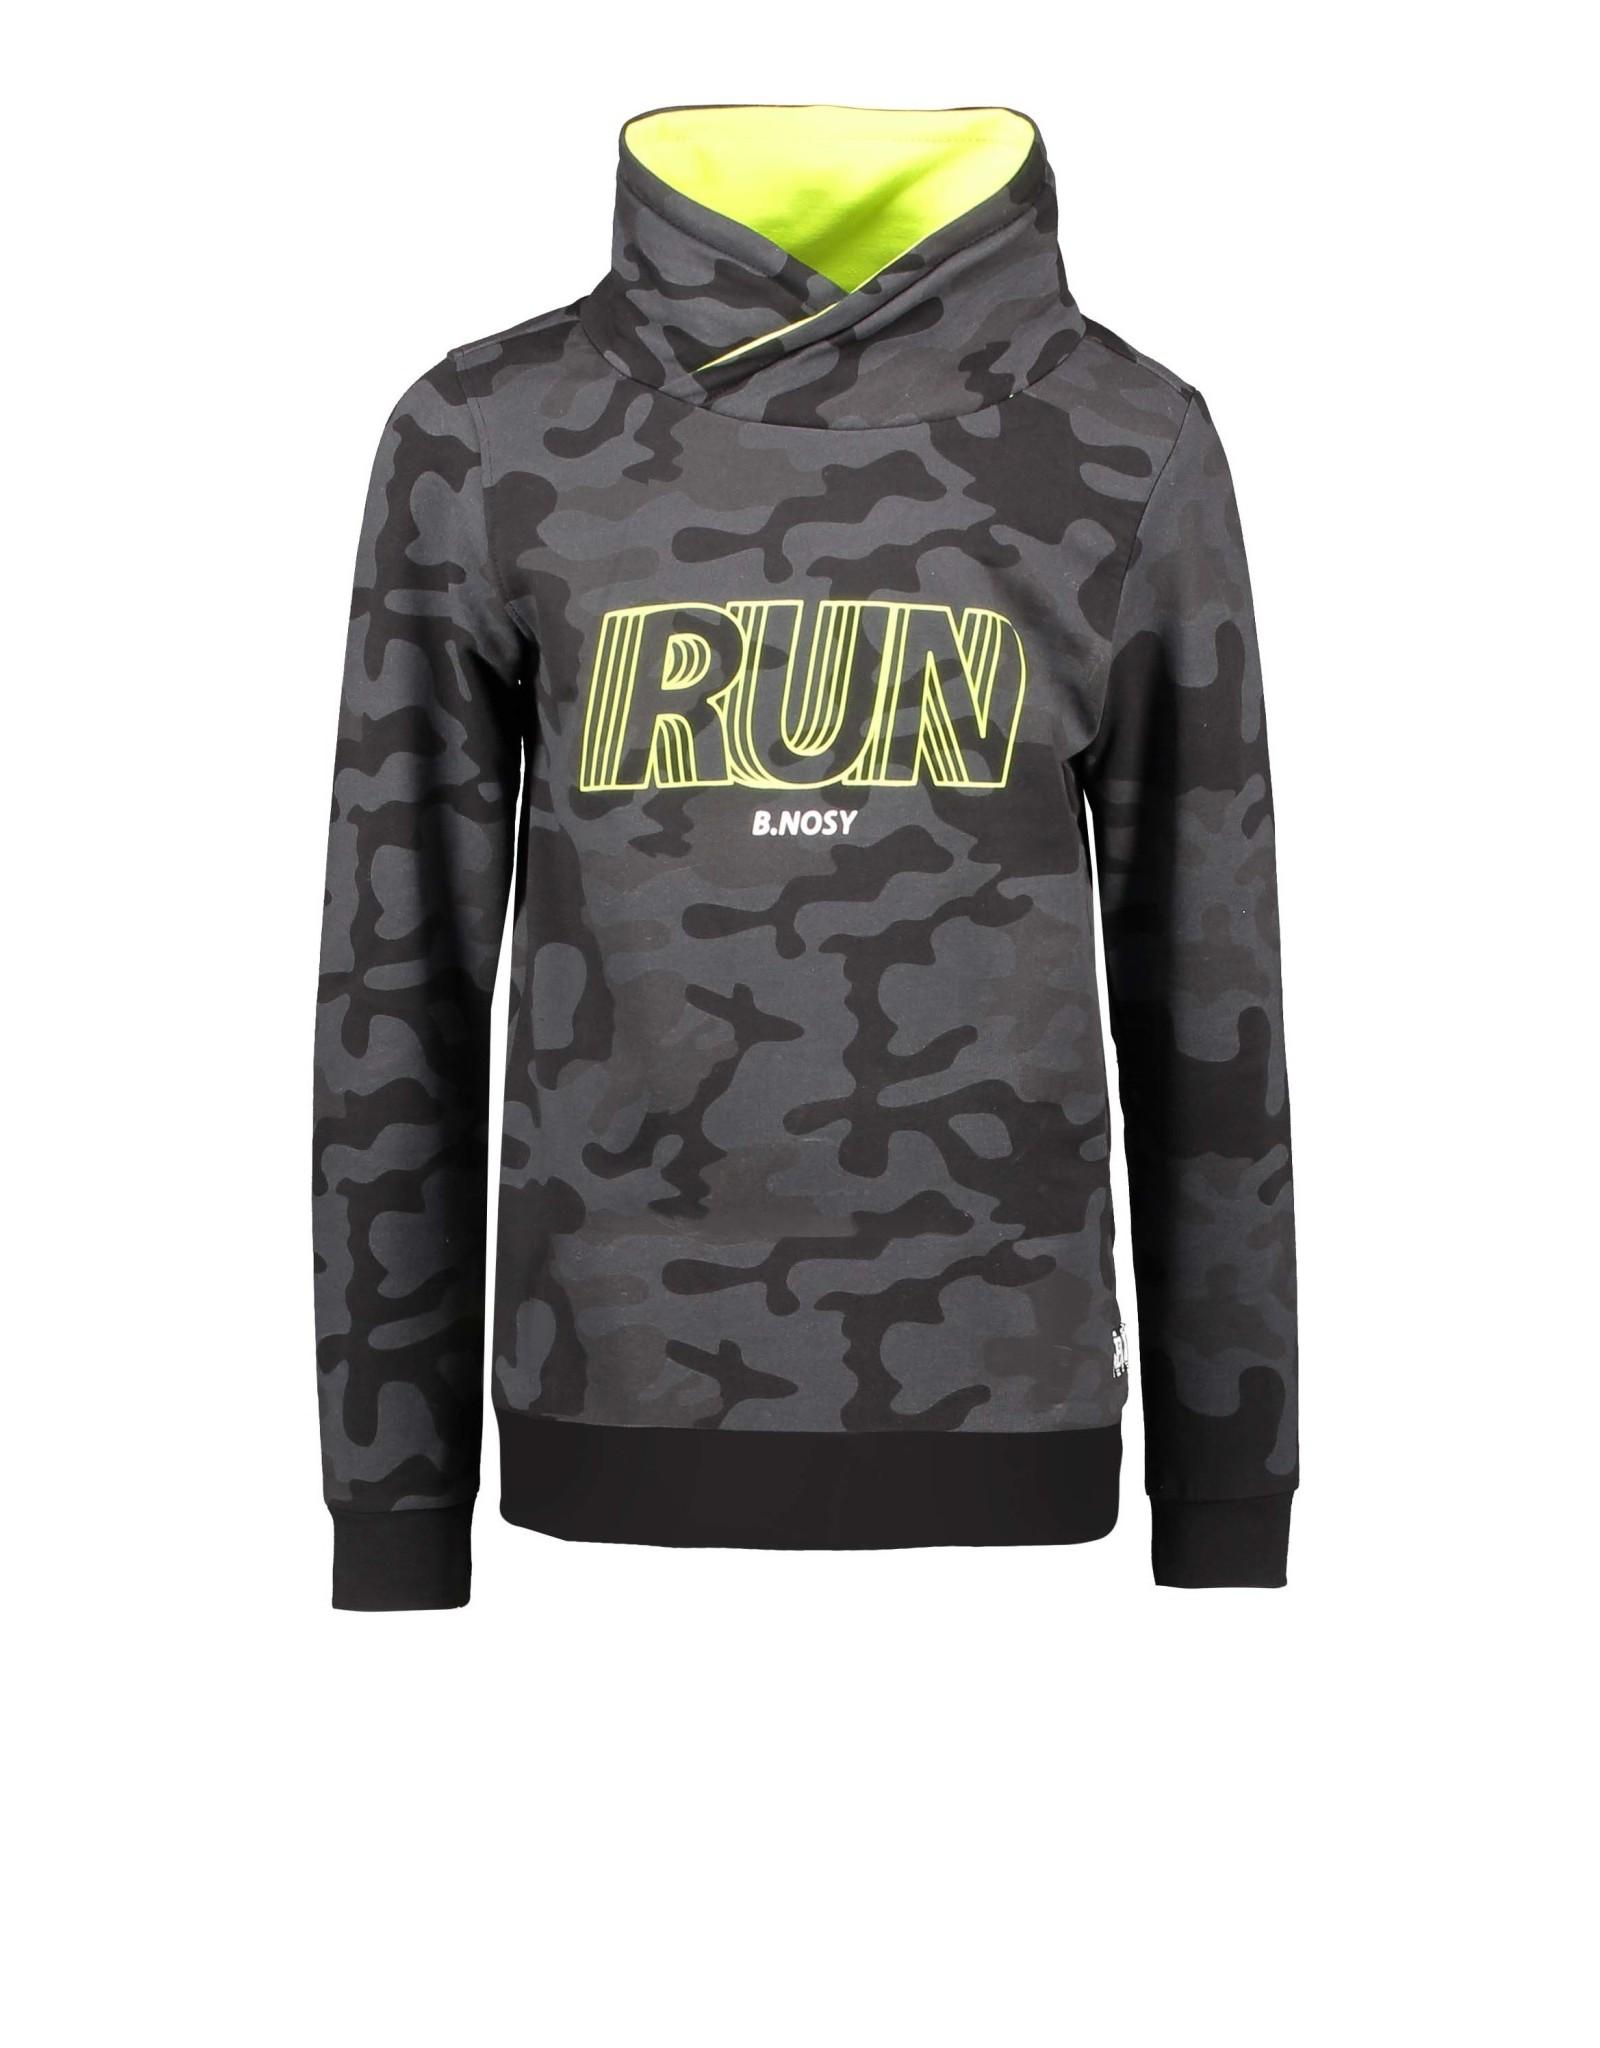 B.Nosy B.Nosy jongens sweater Run Fast Camouflage